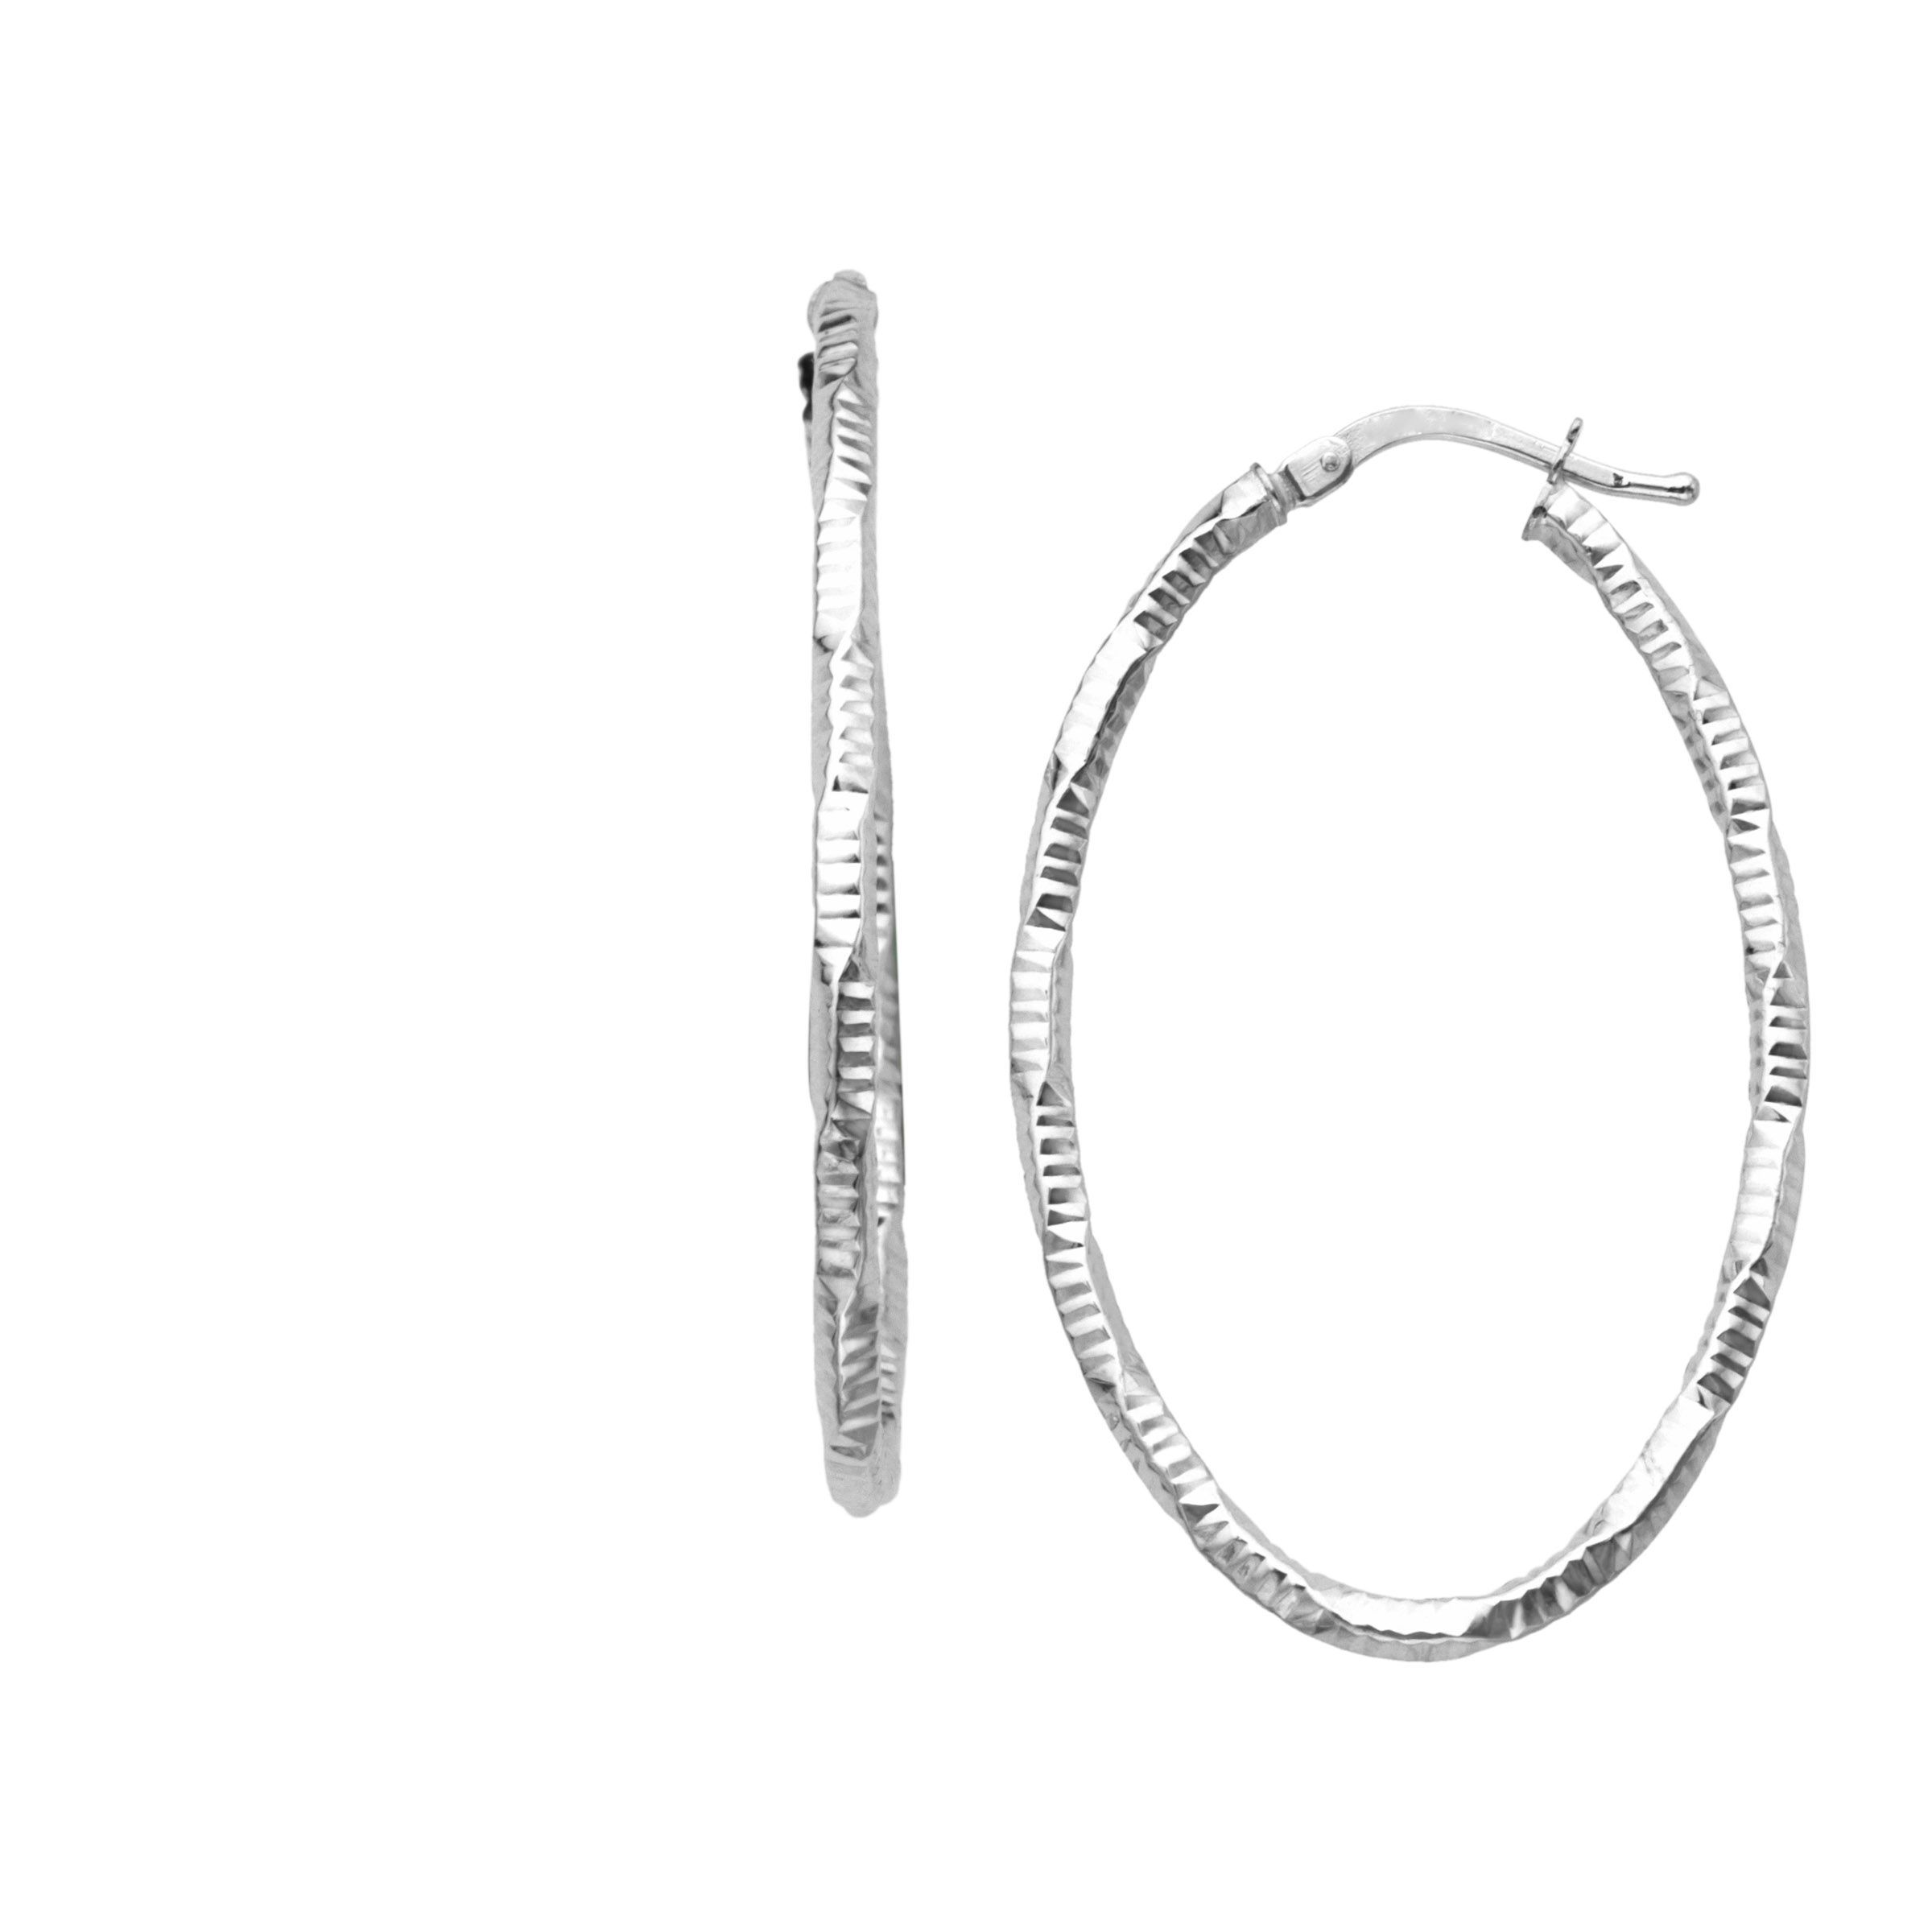 Details About Eternity Gold Diamond Cut Hoop Earrings In 14k White